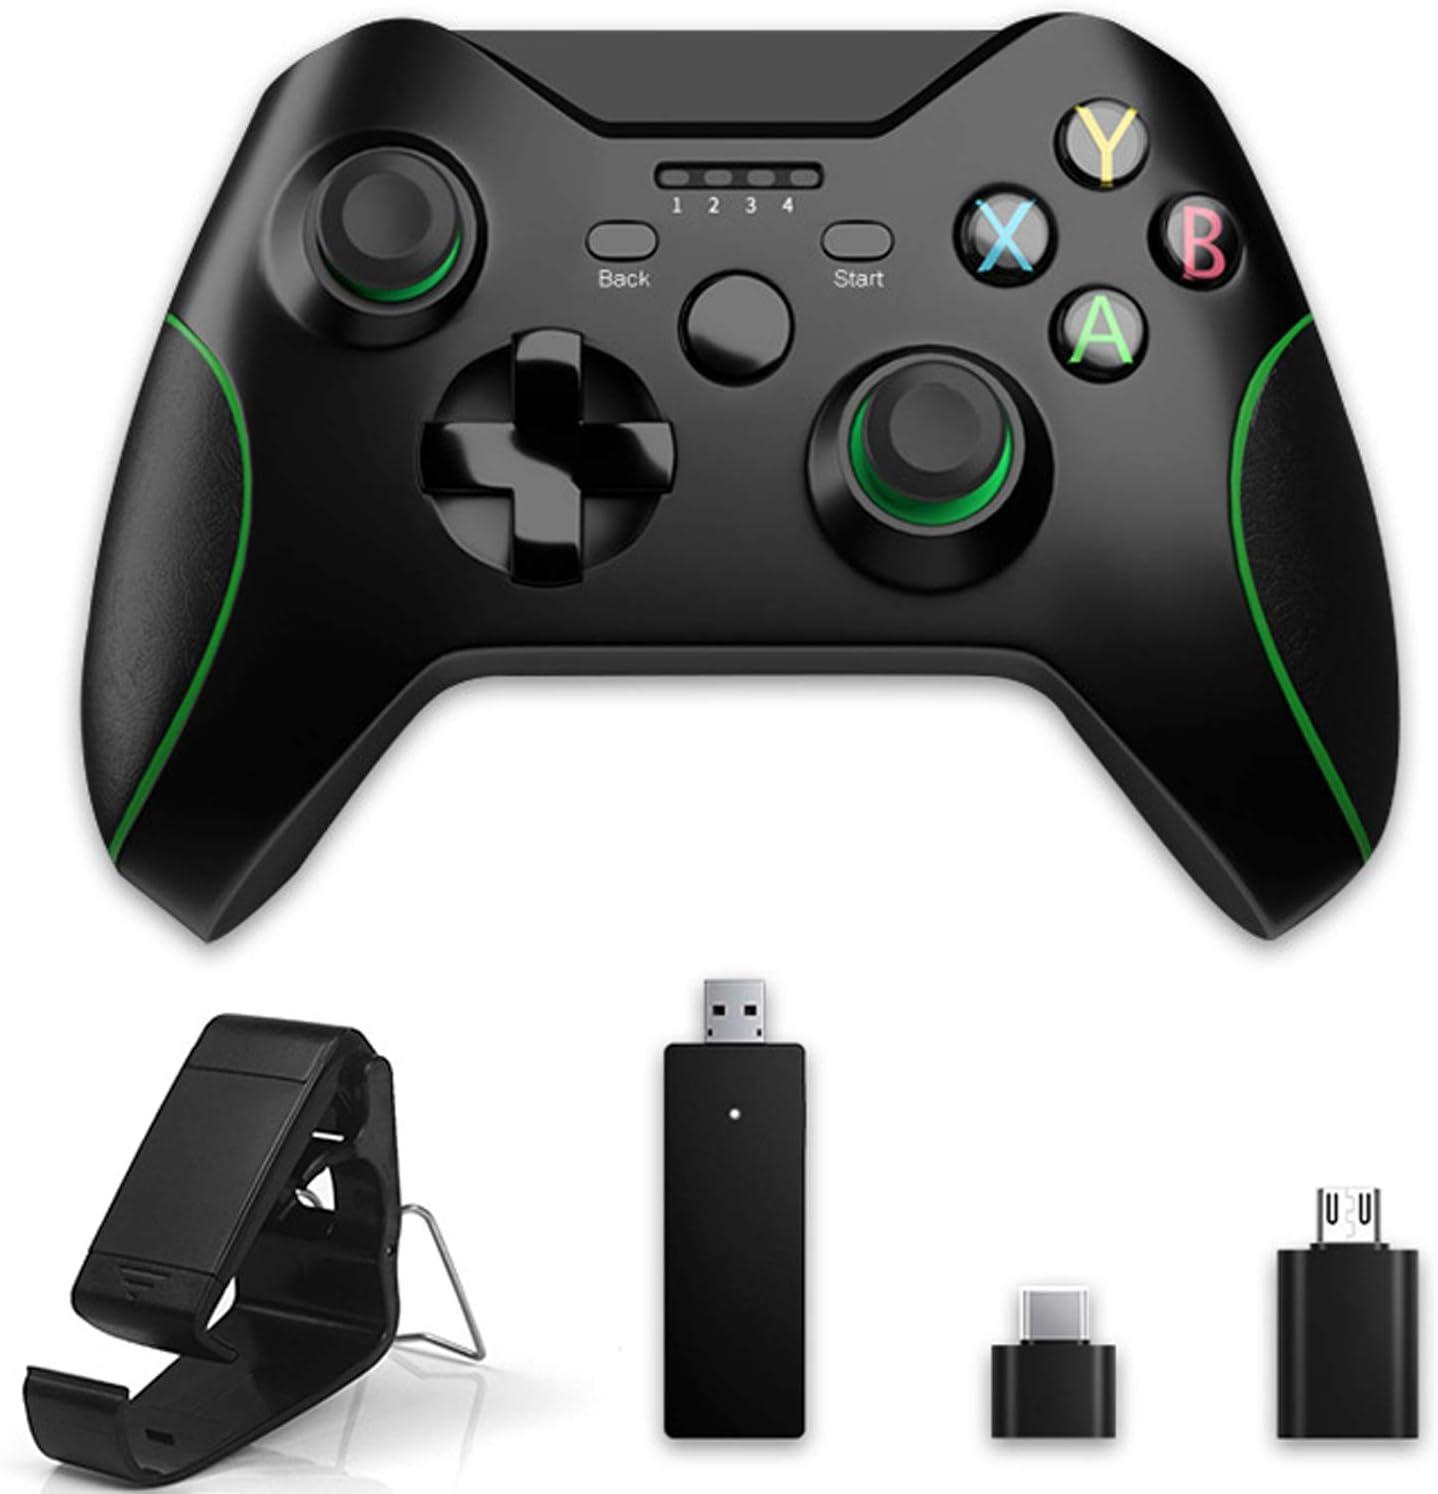 Mandos inalámbrico de 2.4Ghz para Xbox One, Gamepad multifunción de doble vibración para PS3, Joystick de diseño ergonómico antideslizante es compatible con PC con Windows y Android